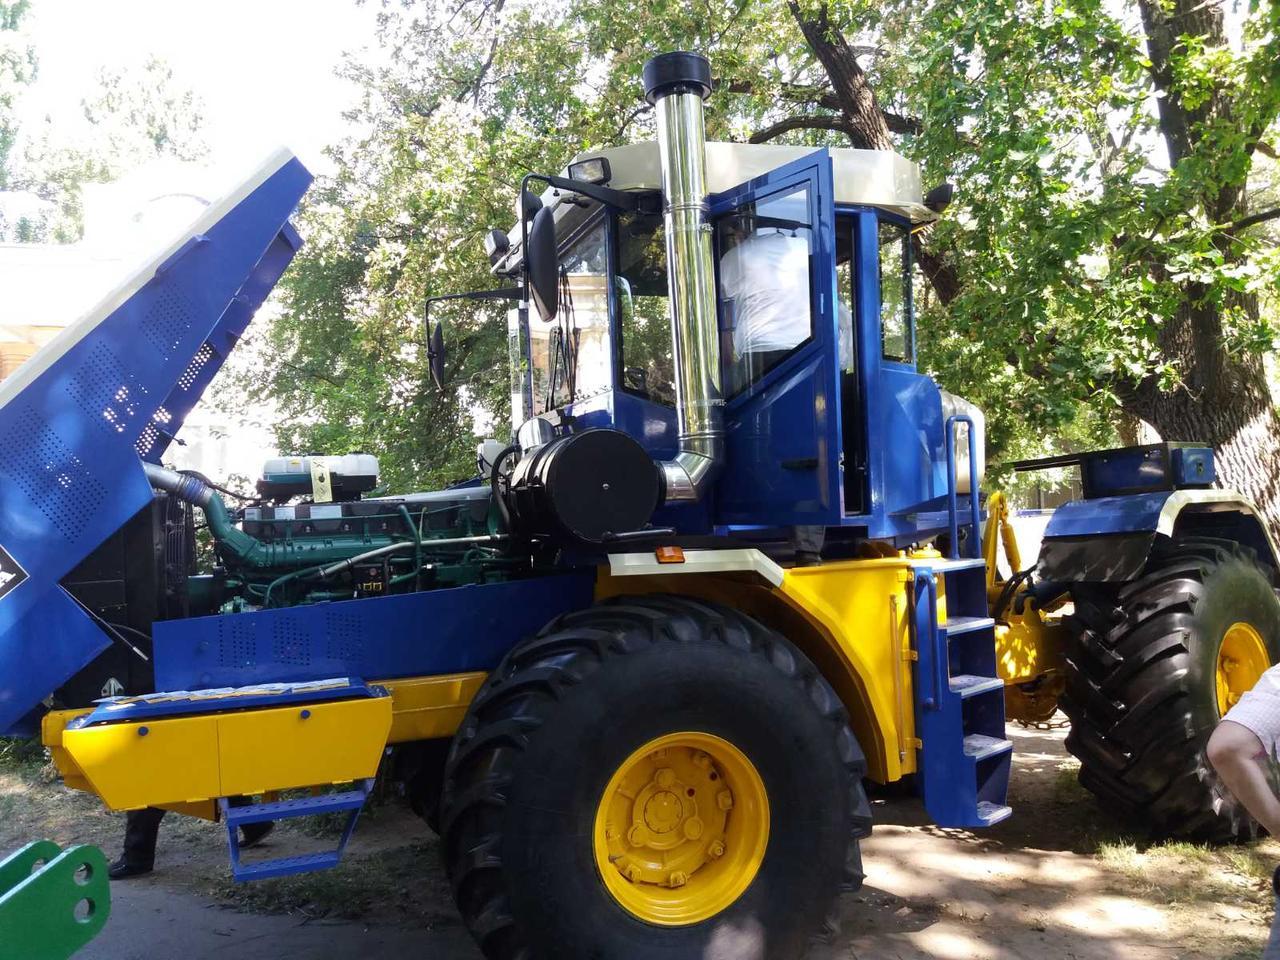 Трактор на базе К-701. Новый двигатель Volvo 420 л.с.